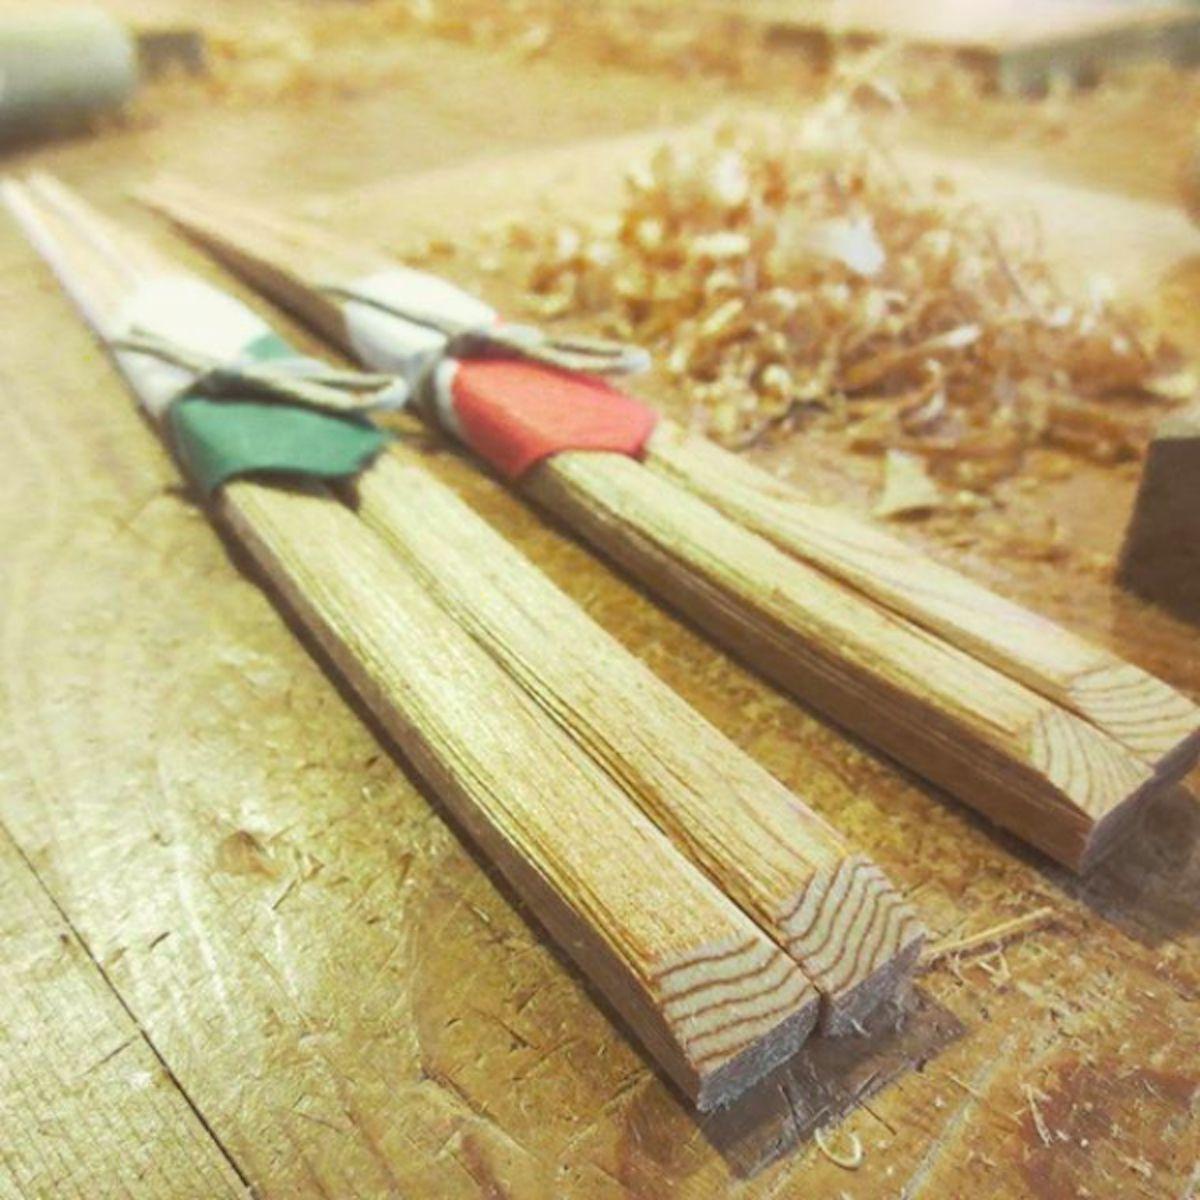 屋久杉で作った夫婦箸